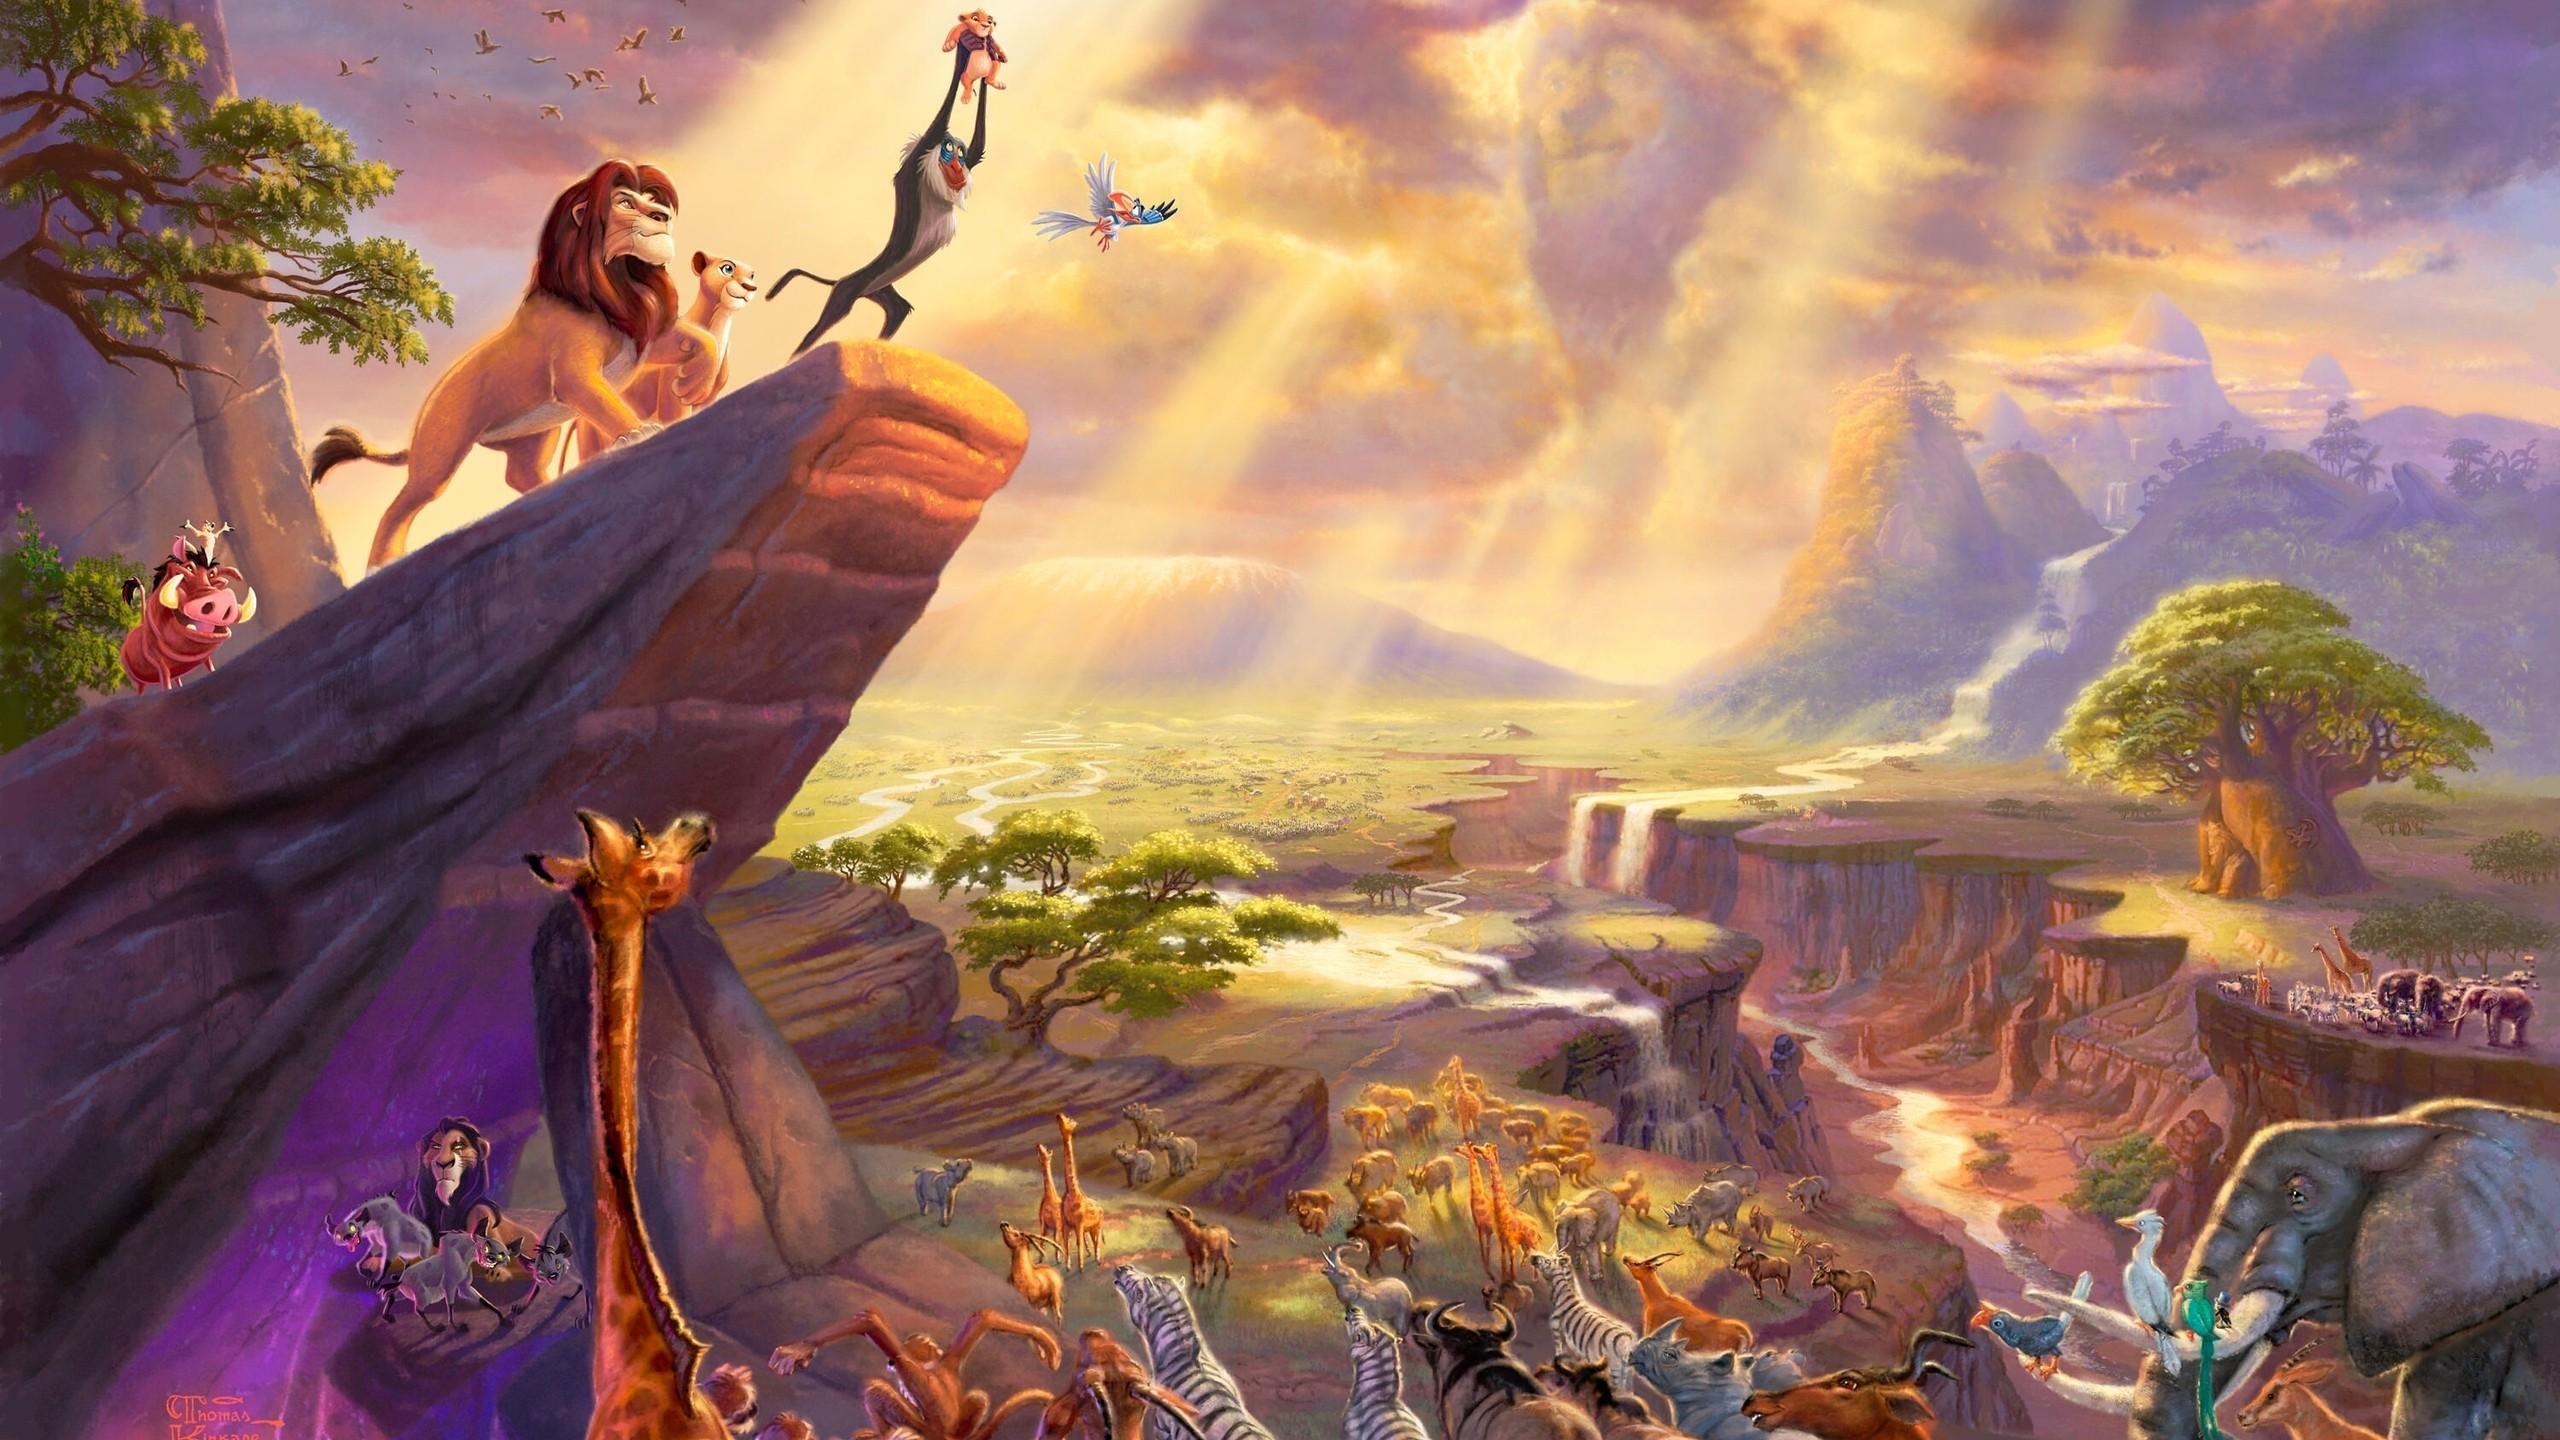 デスクトップ壁紙 ライオンキング ディズニー 神話 ラフィキ